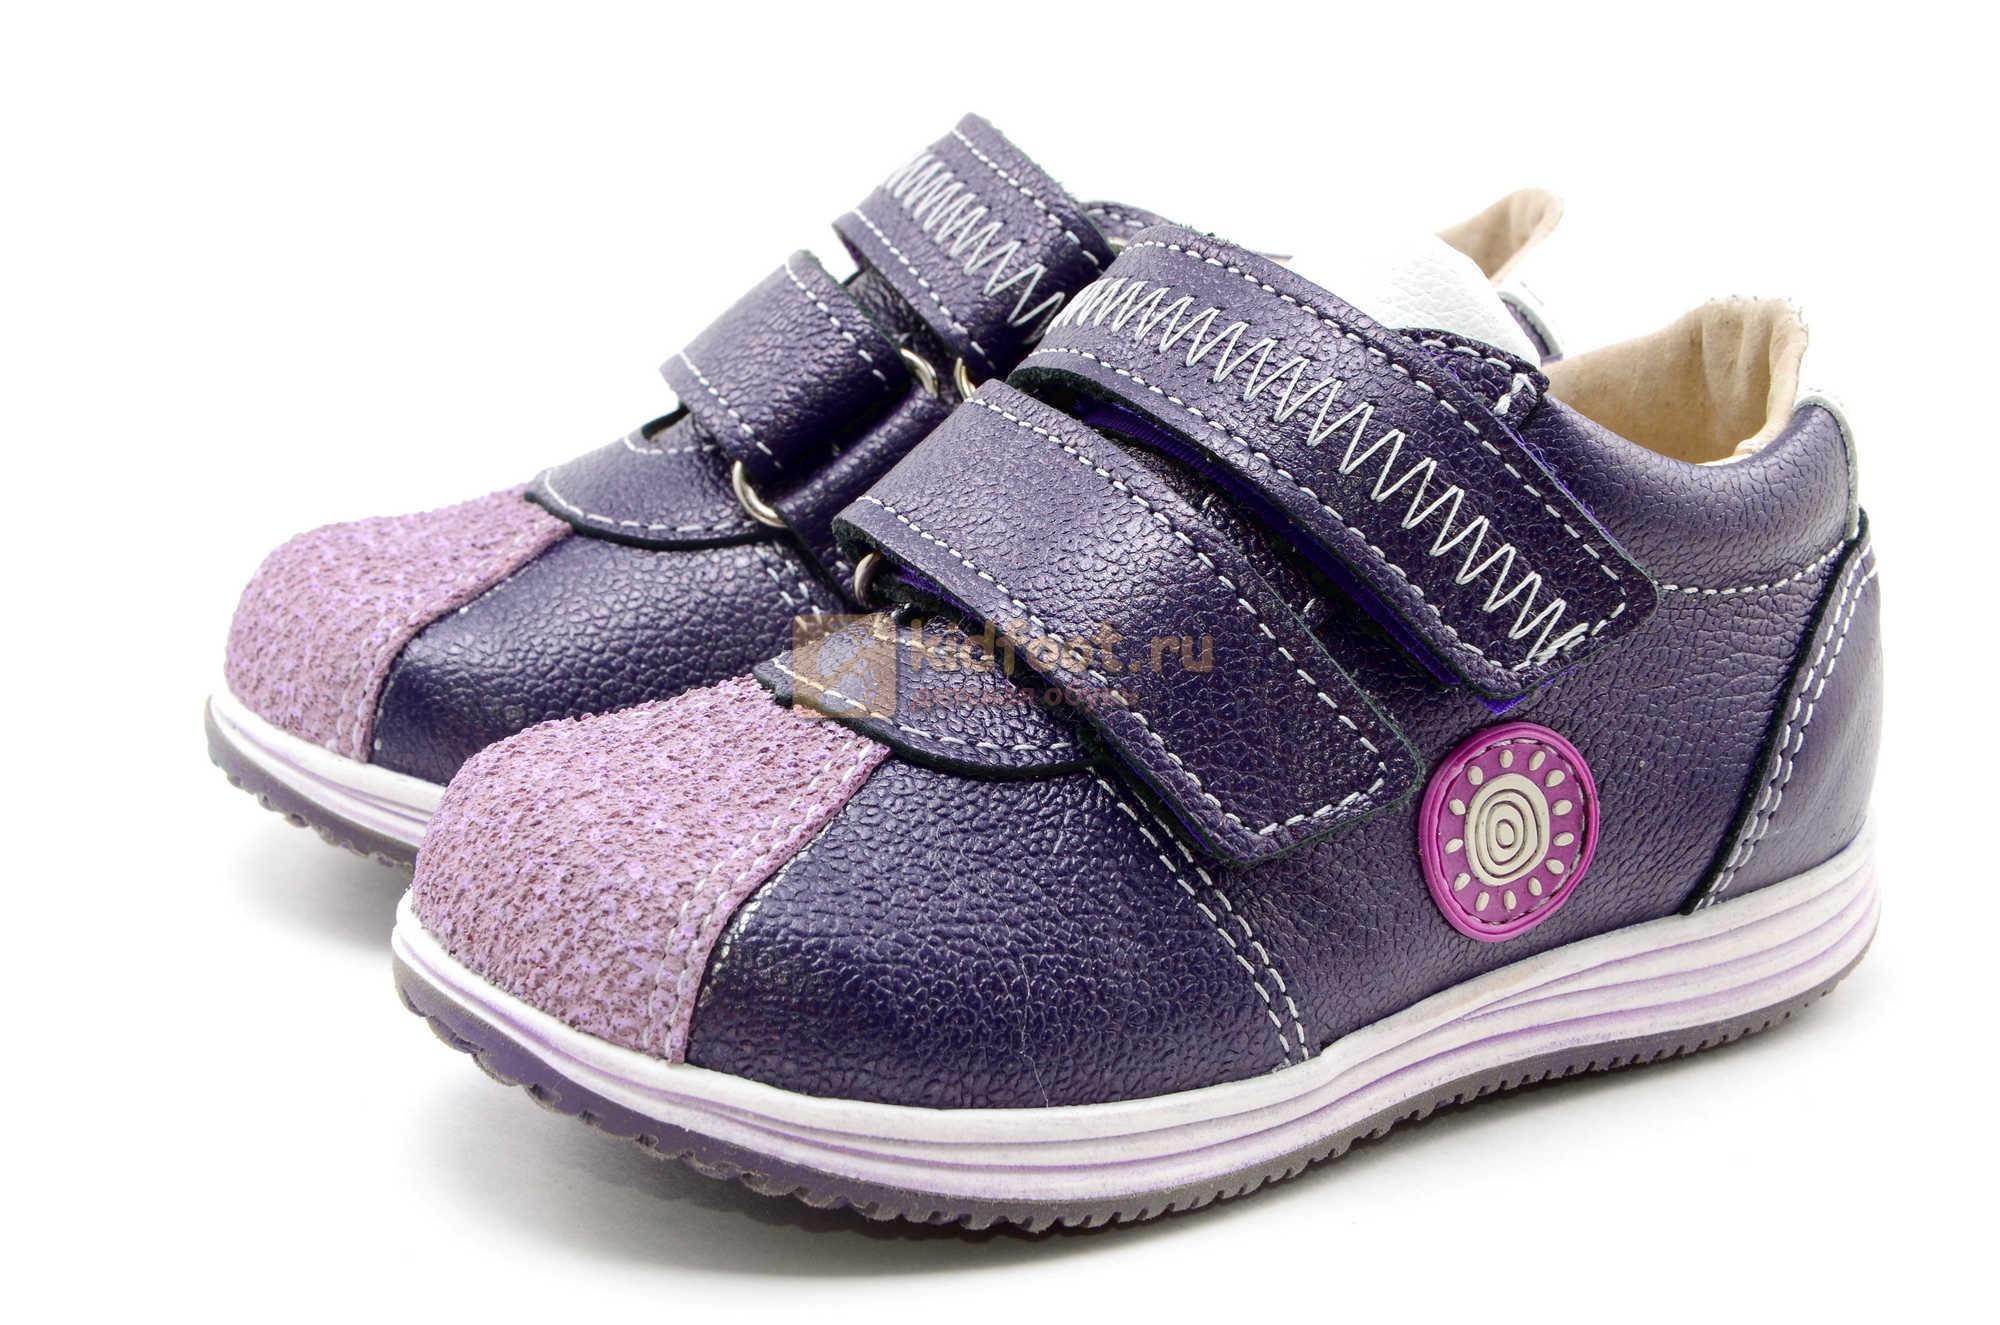 Ботинки для девочек Лель (LEL) из натуральной кожи на липучках цвет фиолетовый, 3-927A